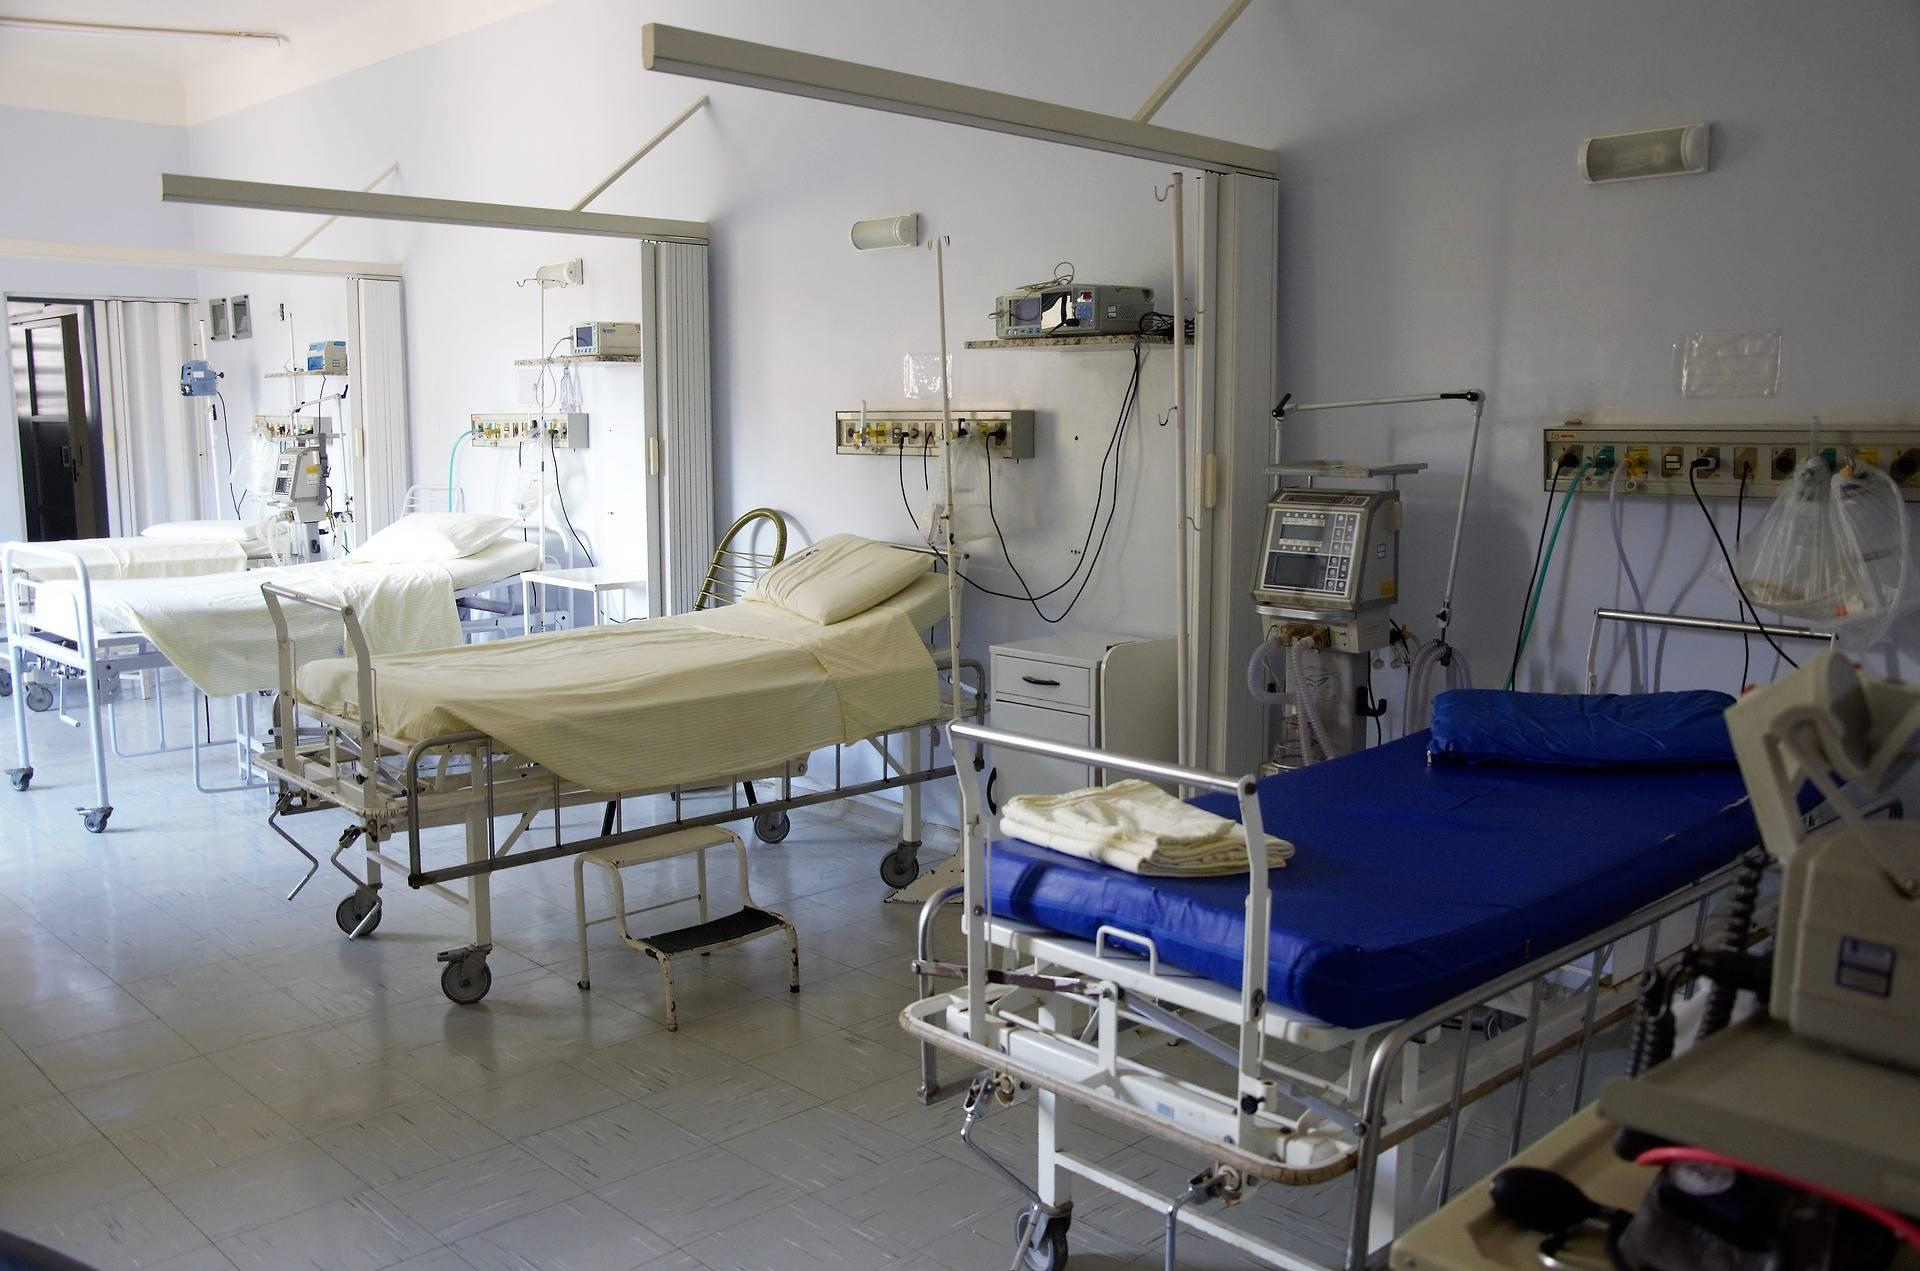 Isključili pacijenta s aparata, uz pristanak pogrešne obitelji